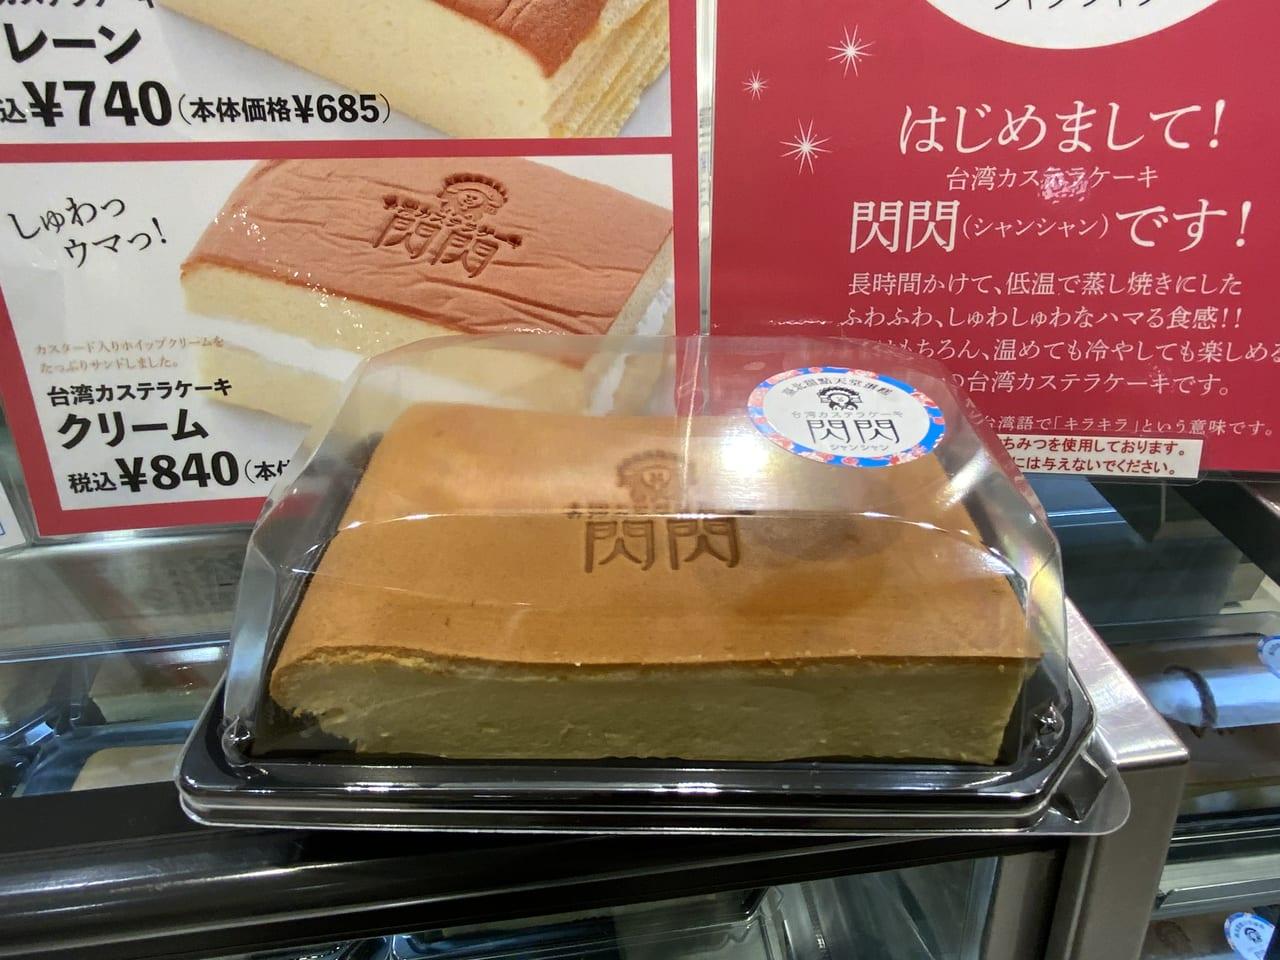 台湾カステラケーキシャンシャン